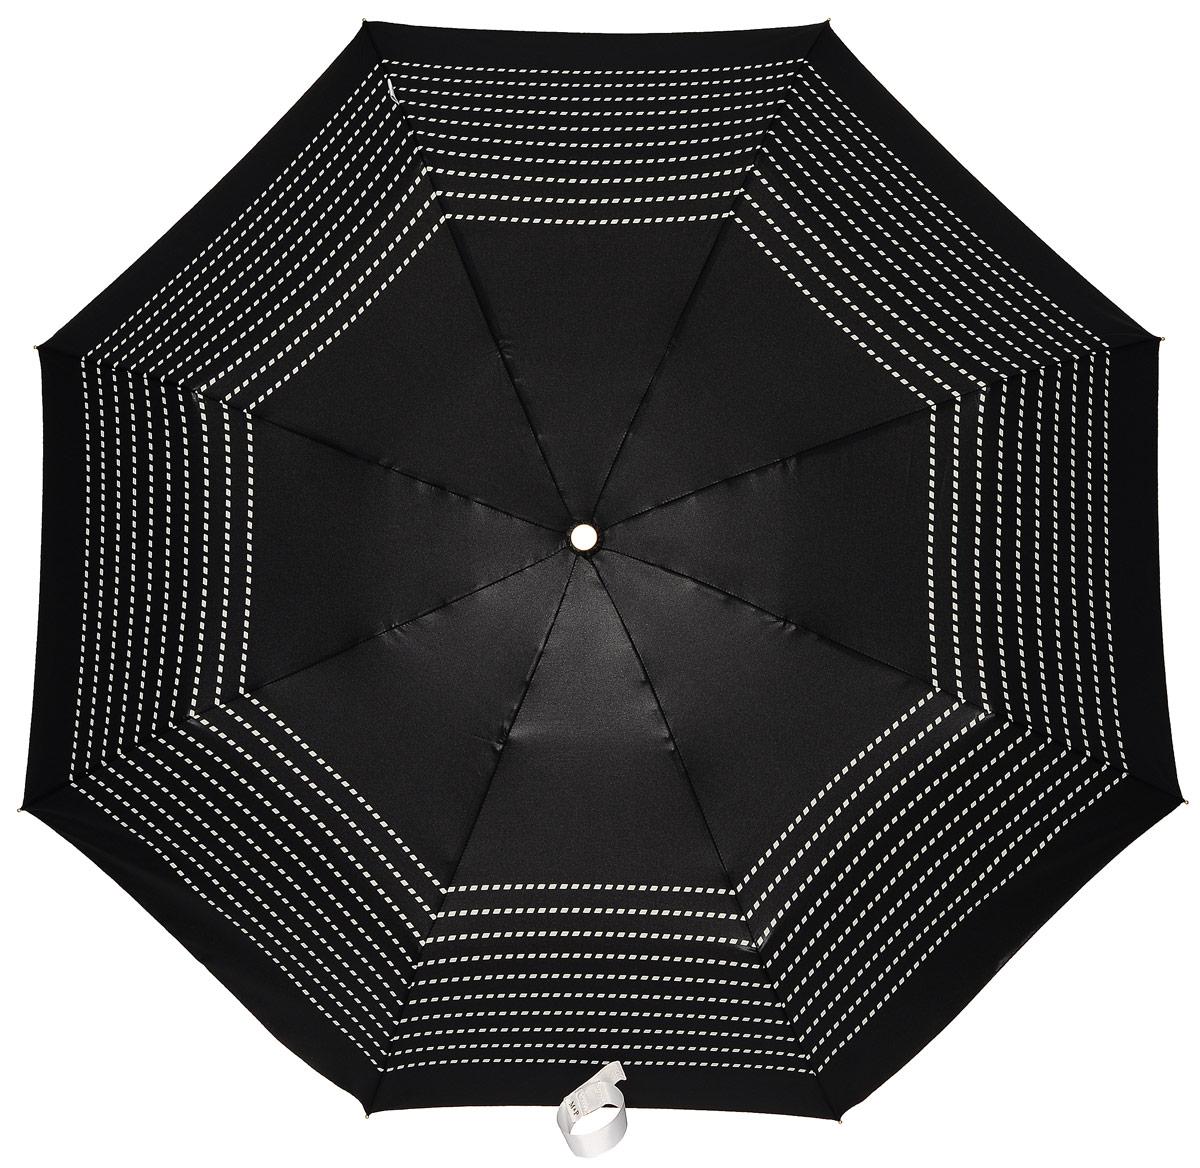 M&P 5789-5 Зонт полный автом. 3 сл. жен.45100032/35449/3537AЗонт испанского производителя Clima. В производстве зонтов используются современные материалы, что делает зонты легкими, но в то же время крепкими.Полный автомат, 3 сложения, 7 спиц, полиэстер.